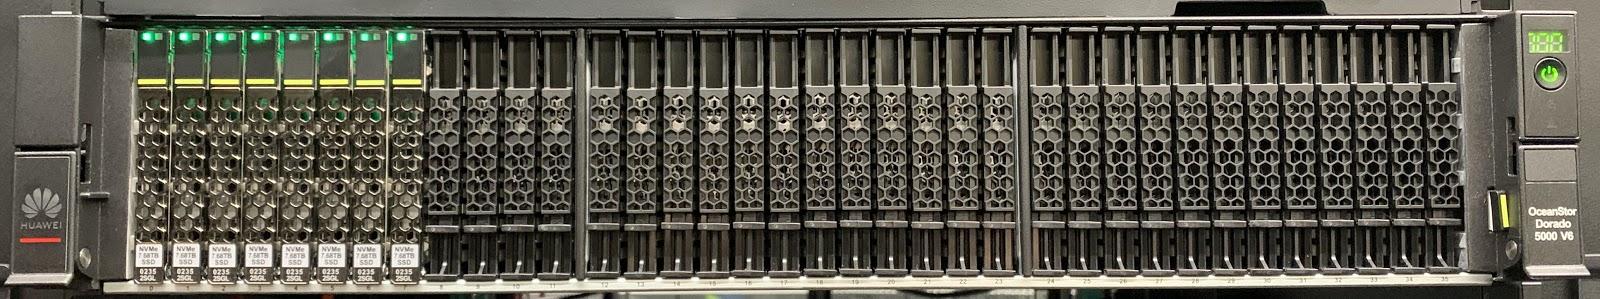 Обзор и тестирование Huawei Dorado 5000V6 - 1